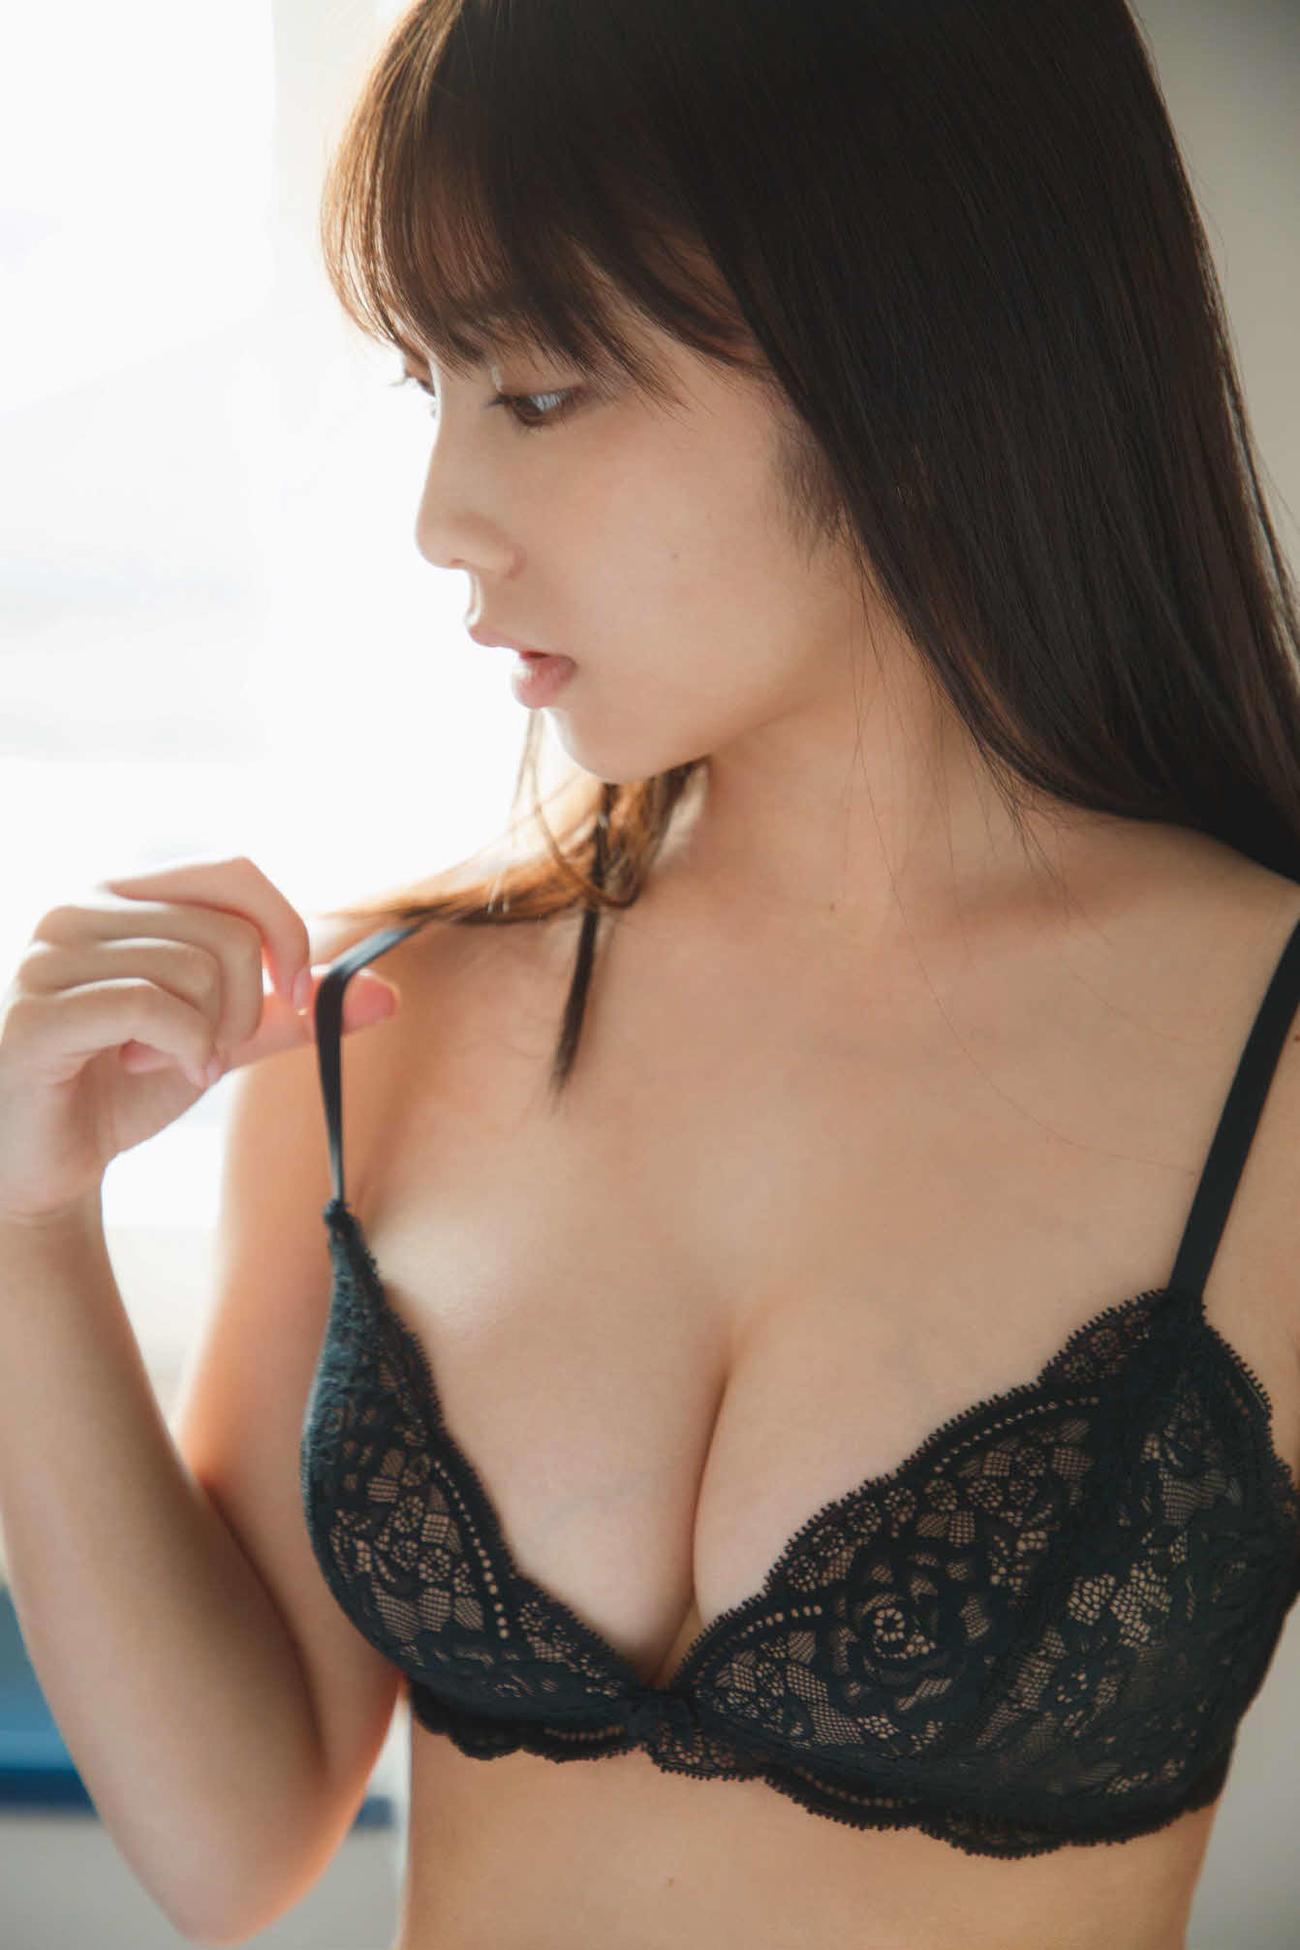 与田祐希がセカンド写真集「無口な時間」で披露した黒ランジェリーカット